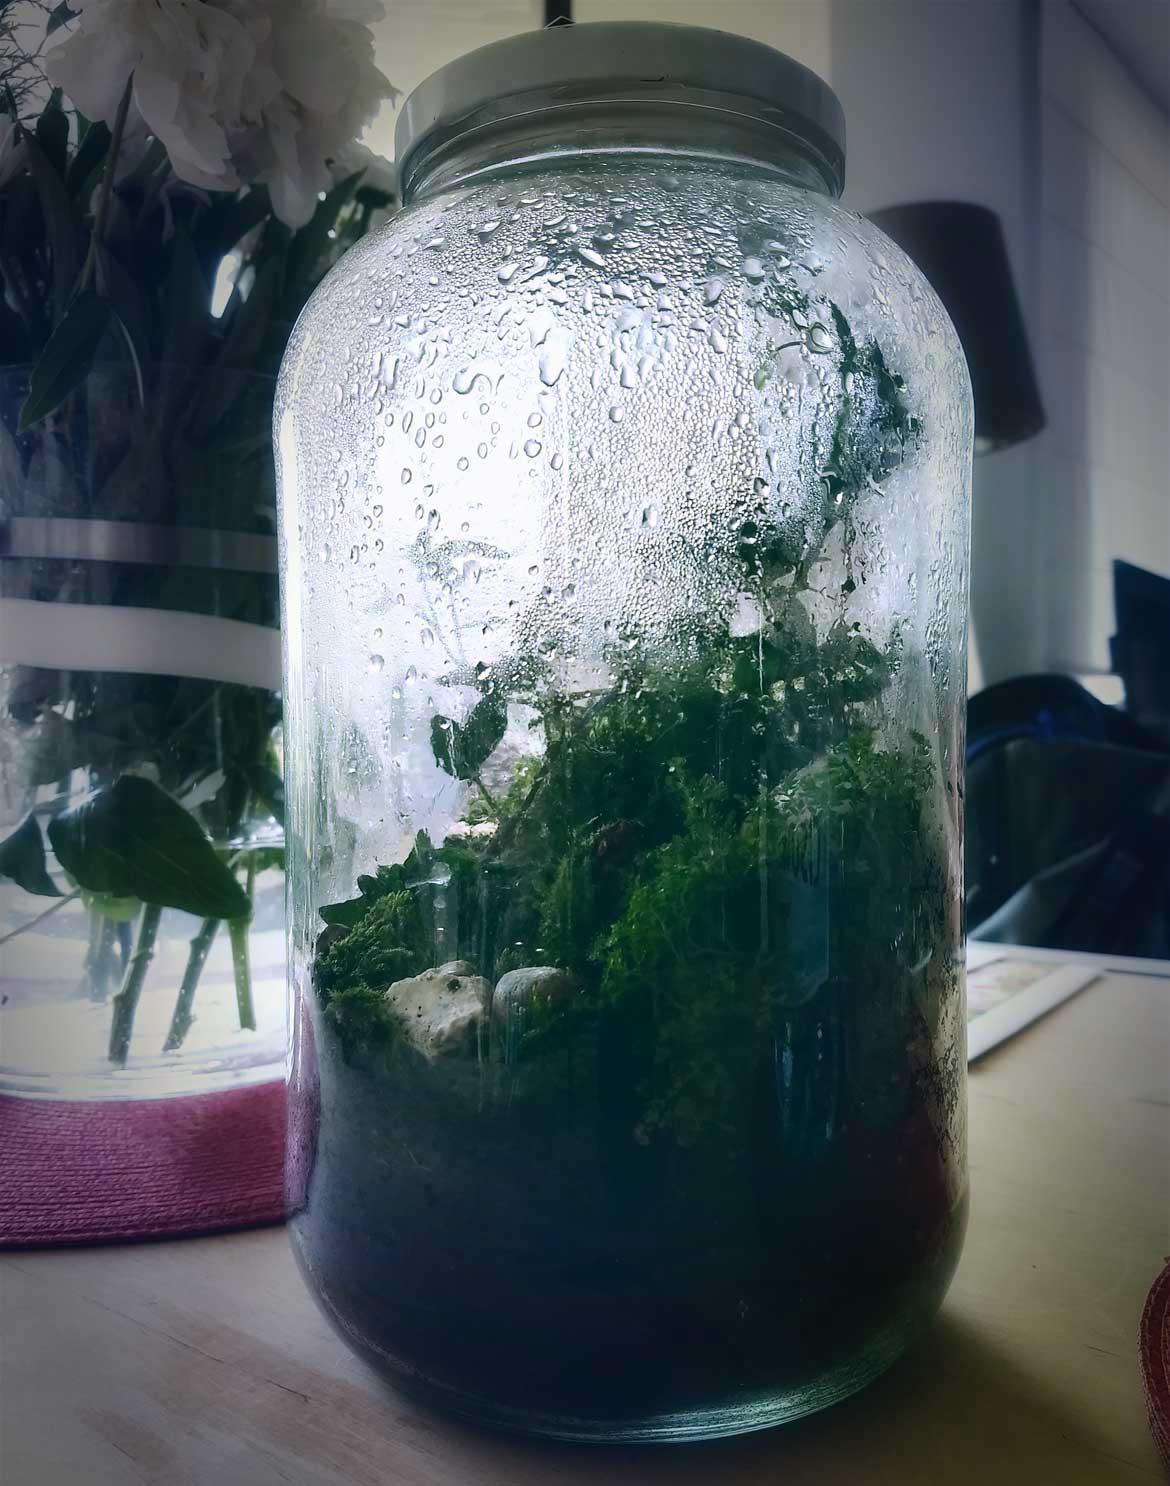 las zamknięty w szklanym słoiku